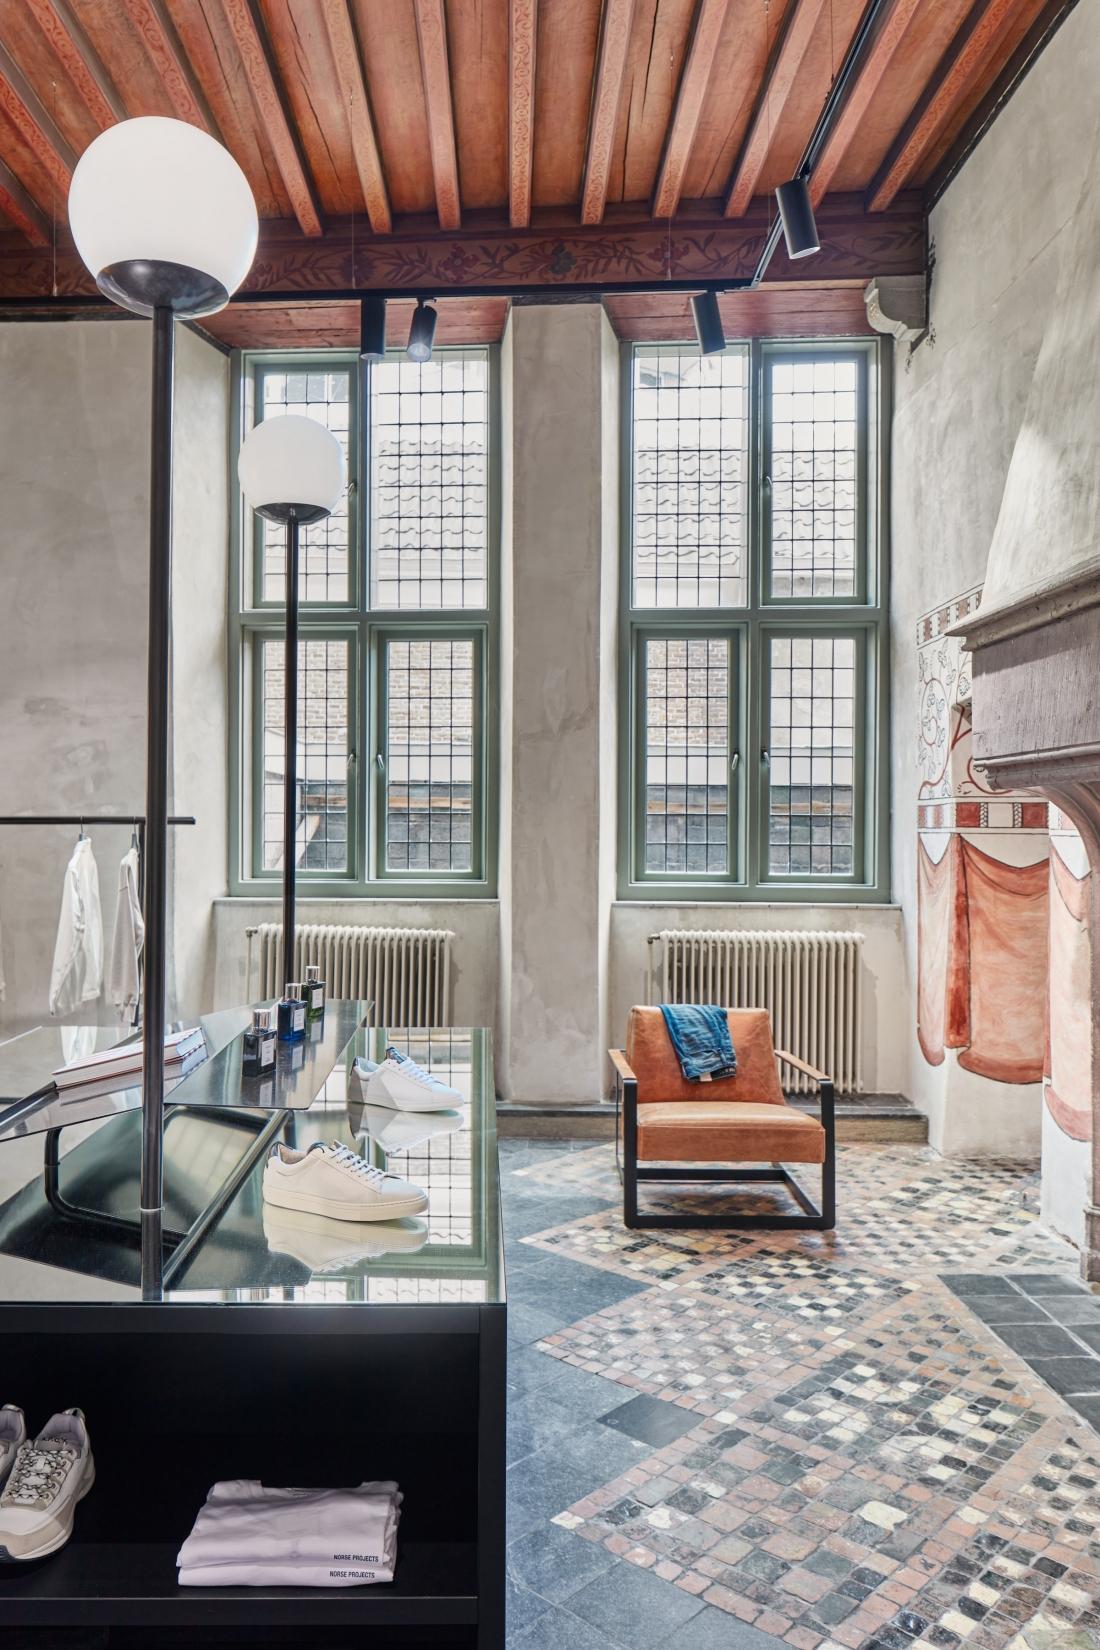 Carbon Studio + KUUB - Coef Utrecht - Image - Maarten Willemstein